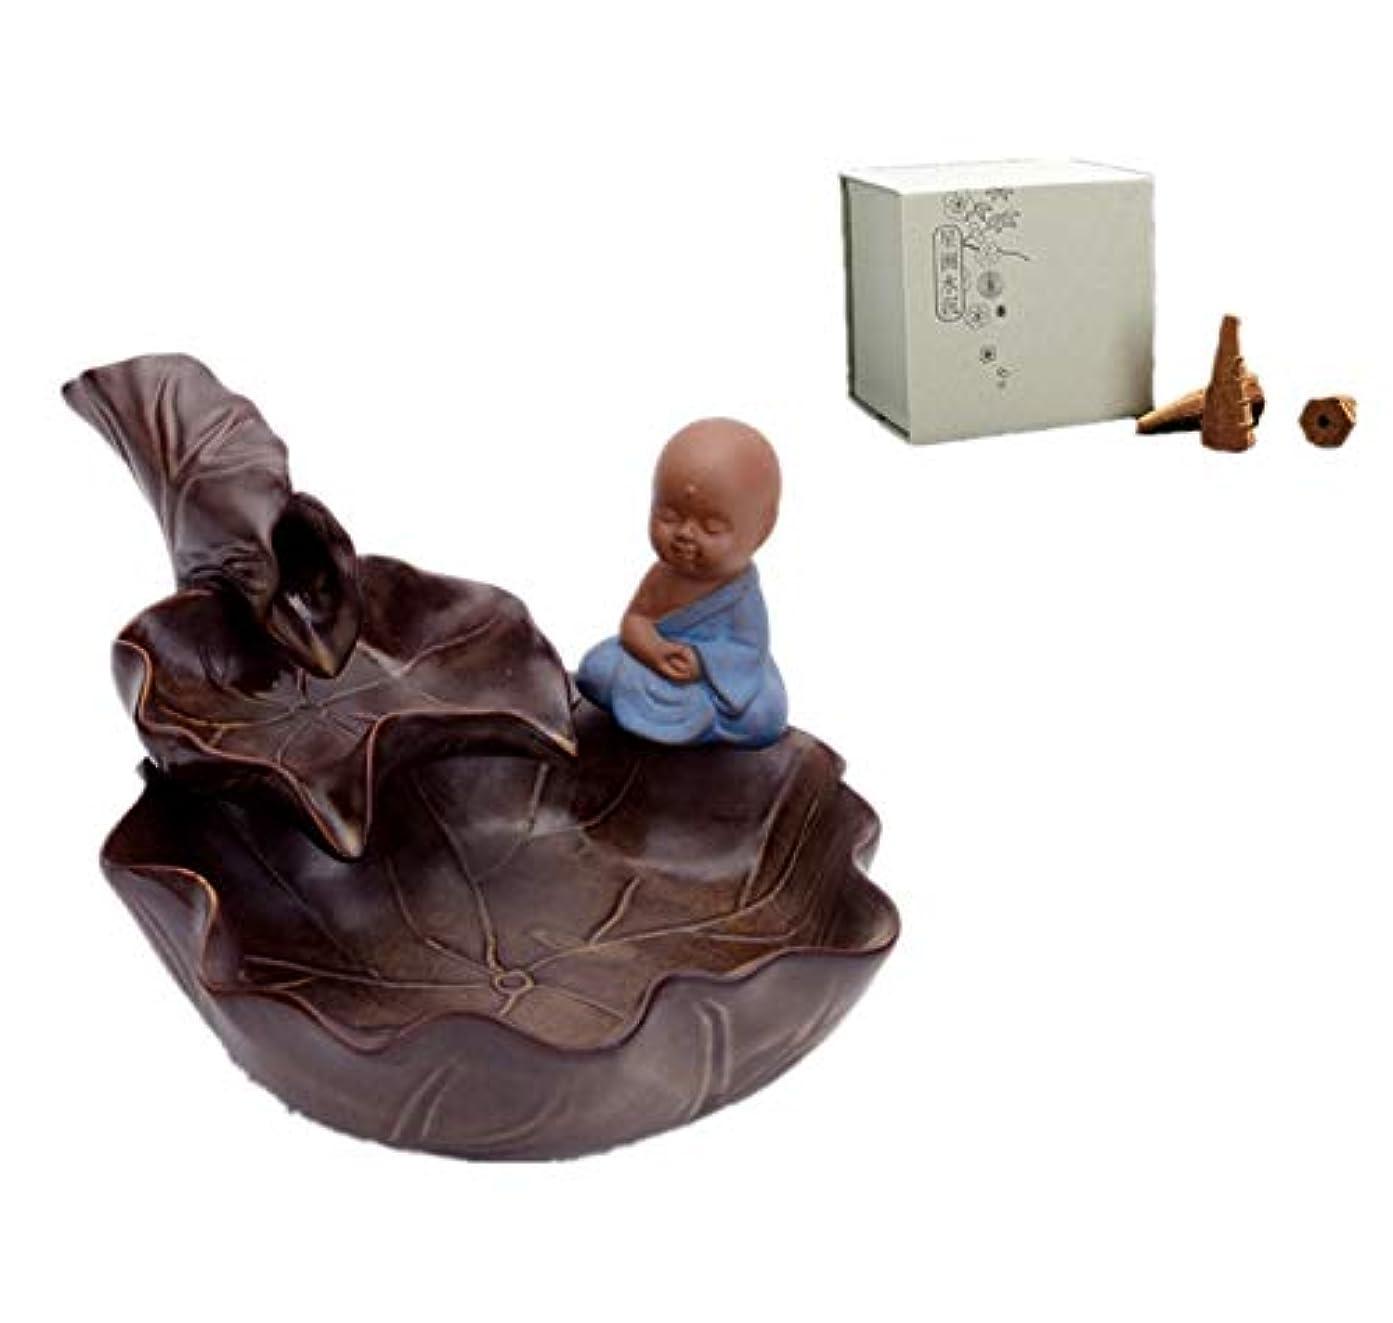 子供っぽいアジテーション宿るXPPXPP Reflux Incense Burner With 40 Reflux Cones, Household Ceramic Reflux Cone-Shaped Candlestick Burner